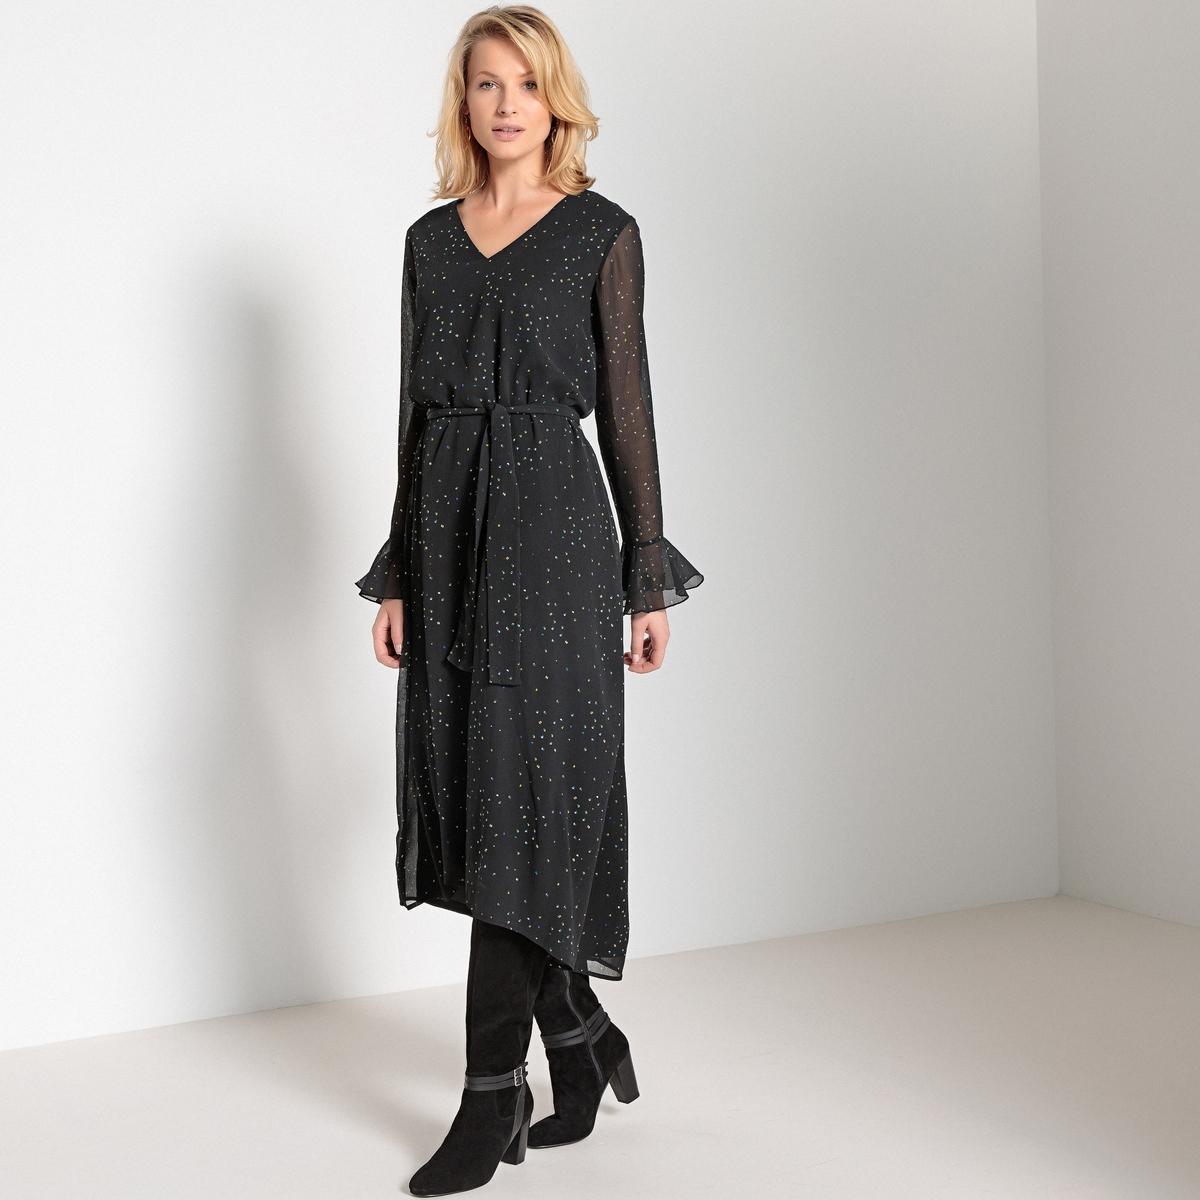 Платье длинное асимметричное с длинными рукавами кутюр осень клуб европы новые длинные глубокий v шеи холтер низкой вырезать платье накладки 21706